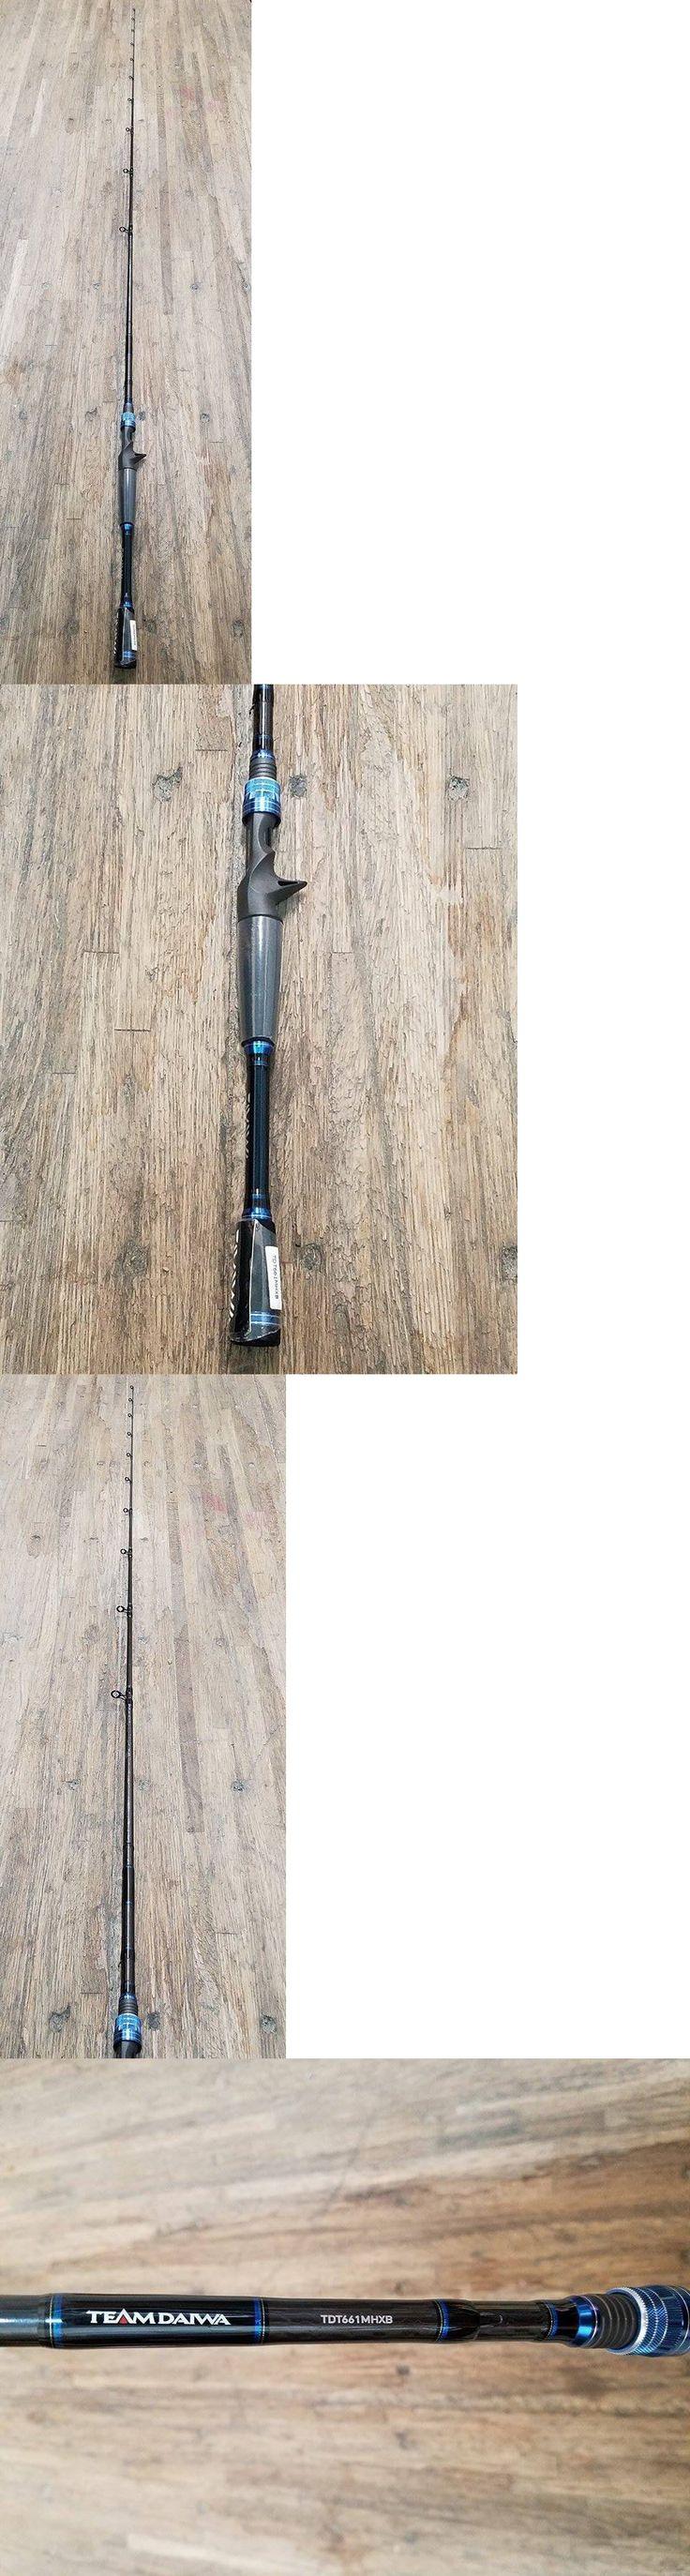 Casting Rods 36149: Team Daiwa 6 6 Medium Heavy Casting Rod (Tdt661mhxb) [[Originally $69.99]] -> BUY IT NOW ONLY: $49.99 on eBay!